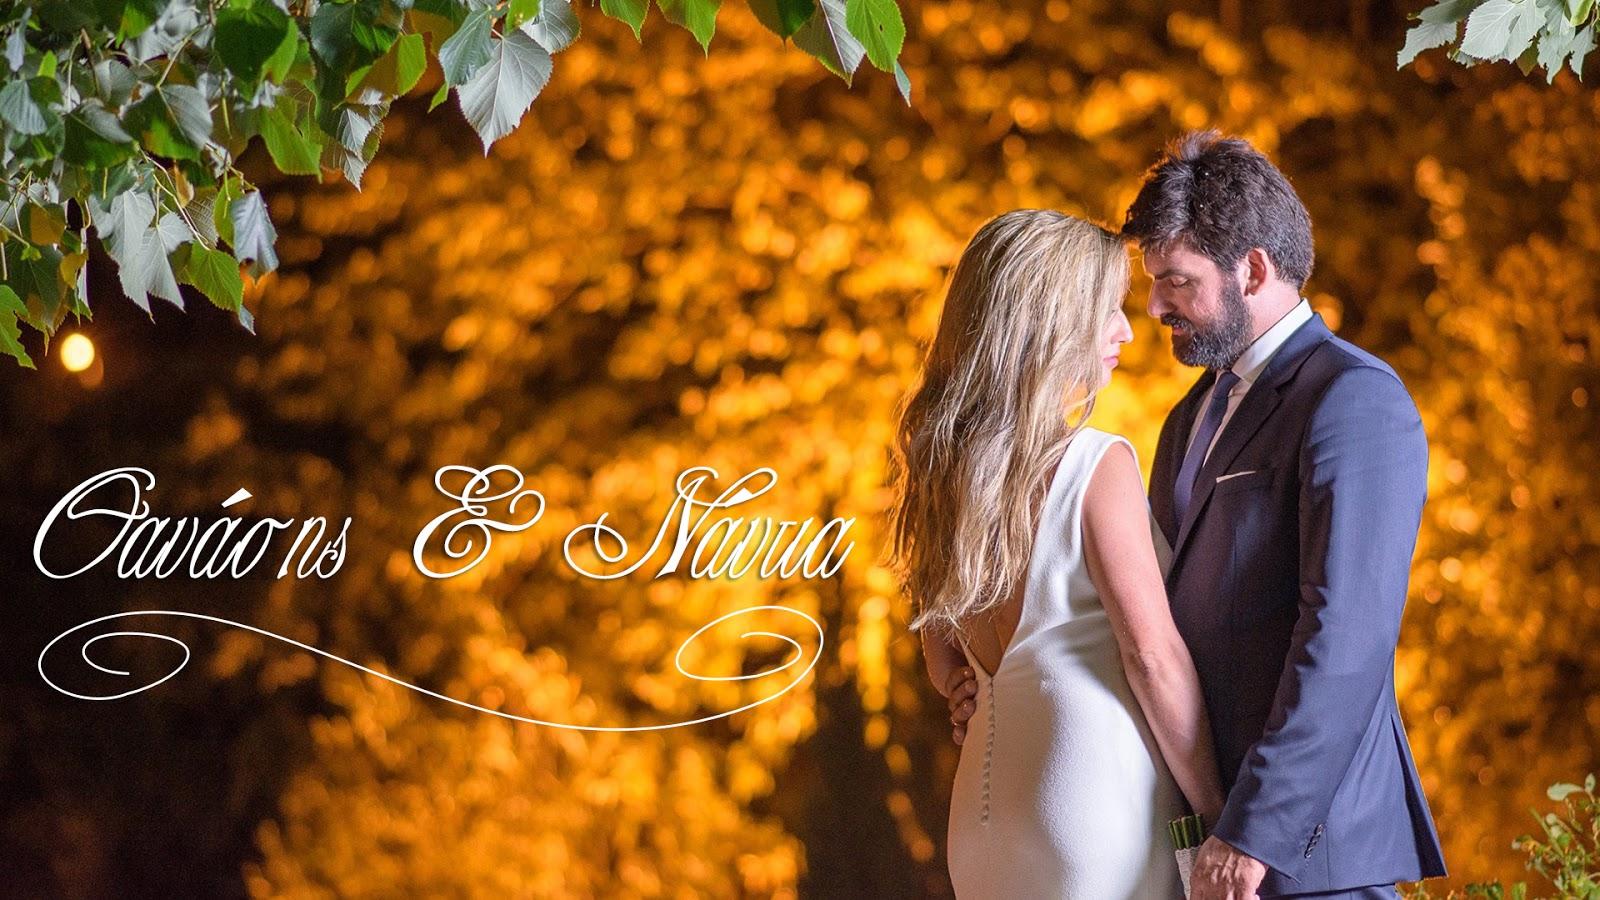 Θανάσης & Νάντια (Wedding Trailer)